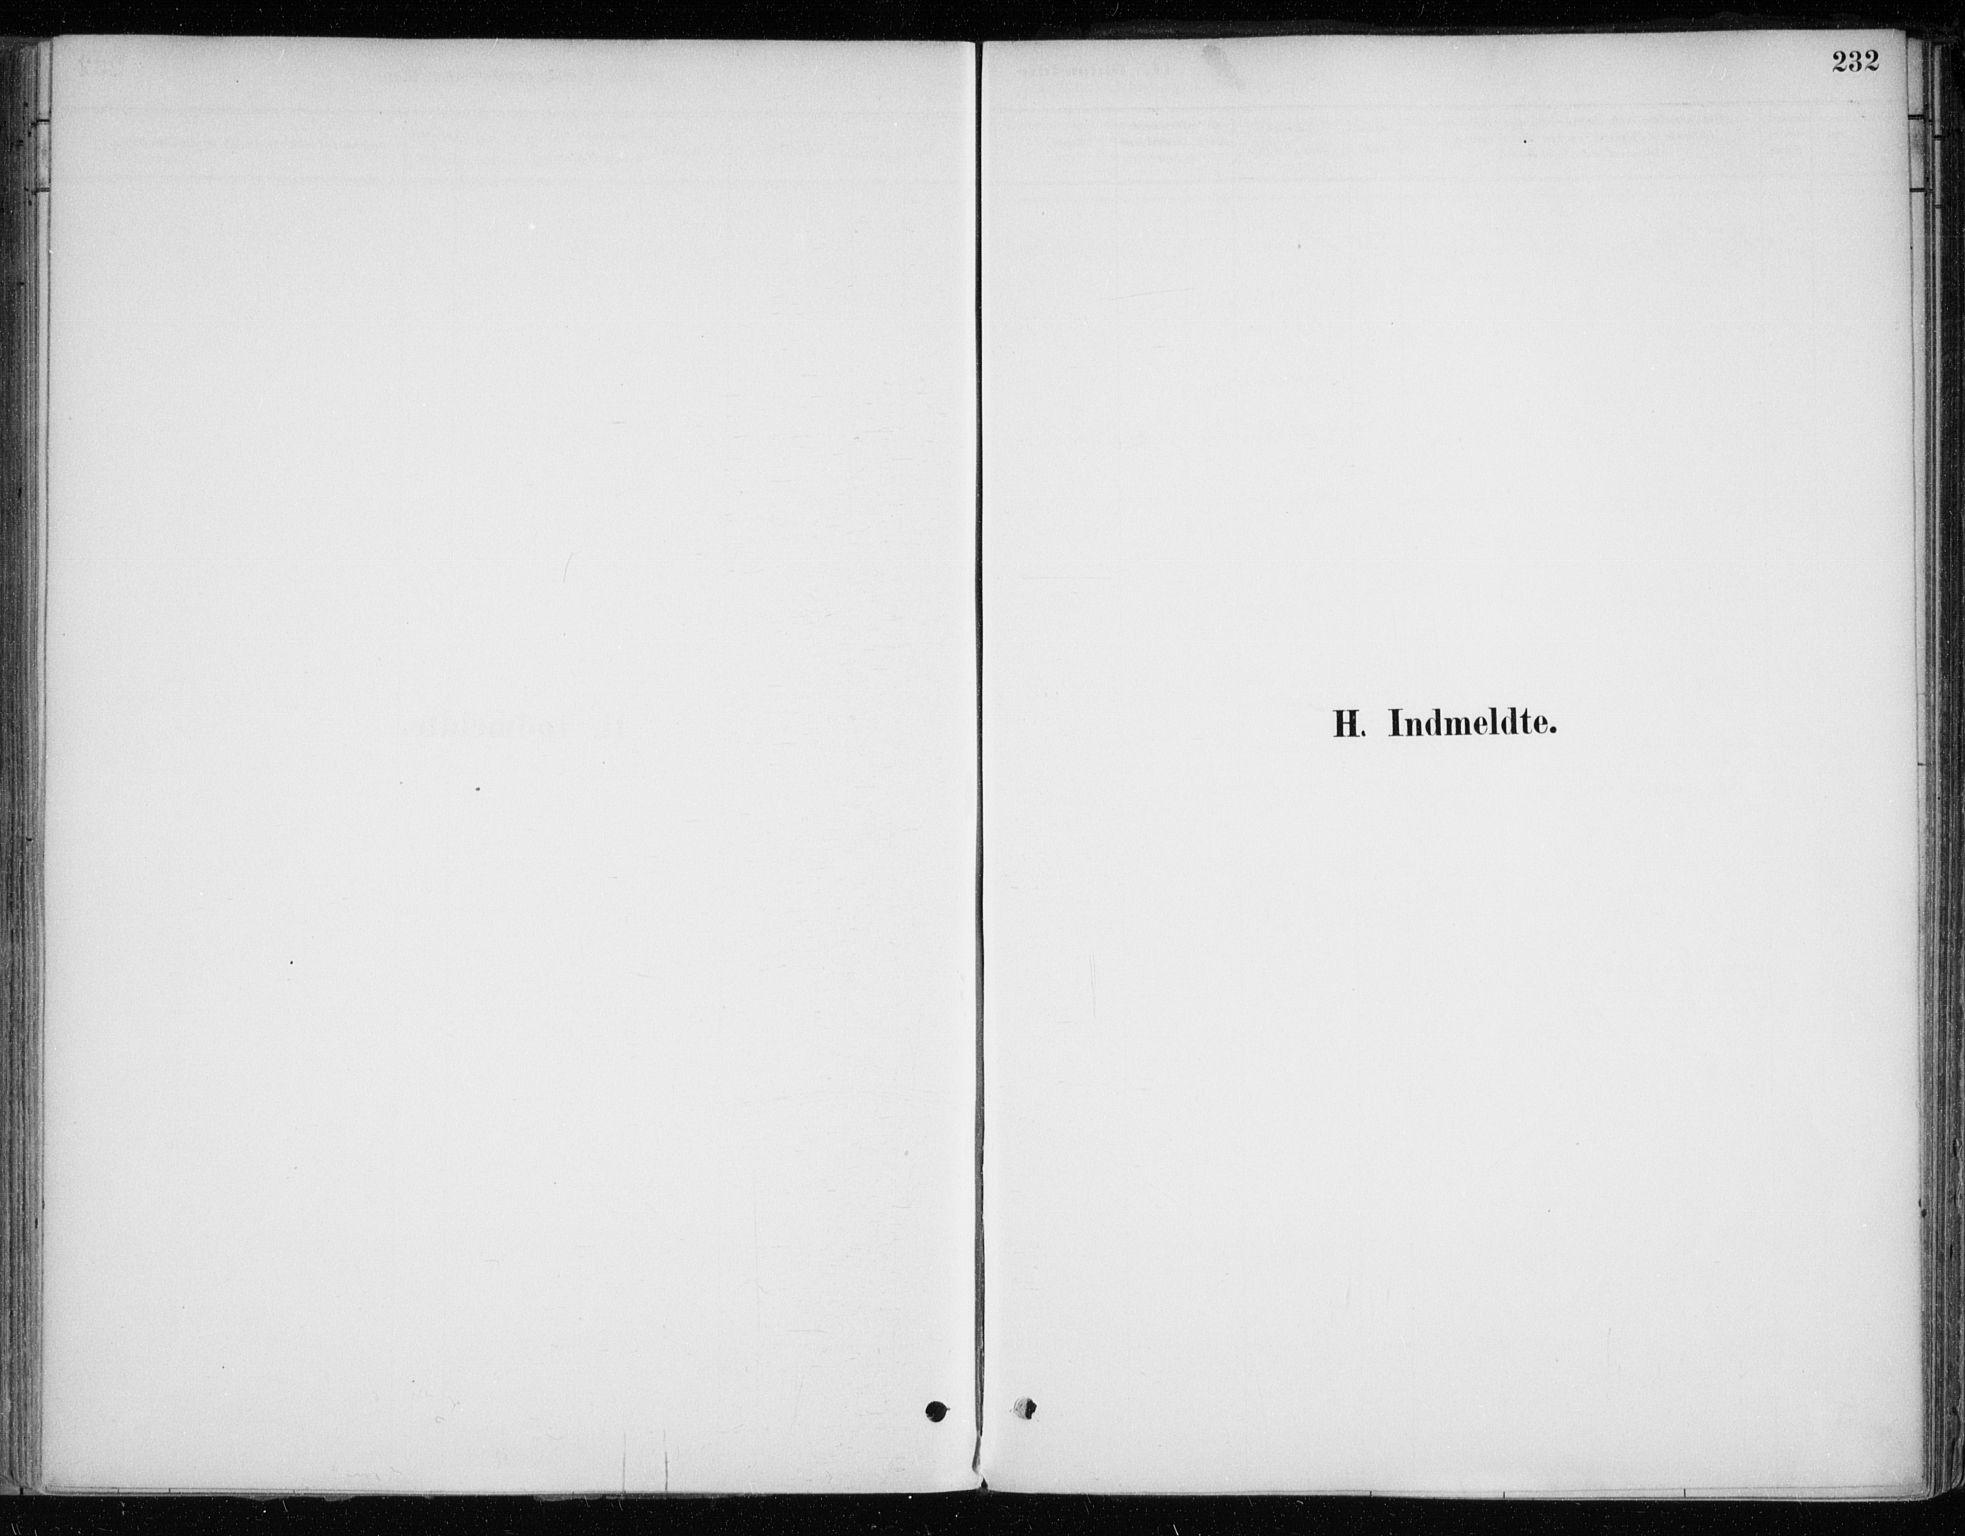 SATØ, Hammerfest sokneprestkontor, H/Ha/L0013.kirke: Ministerialbok nr. 13, 1898-1917, s. 232